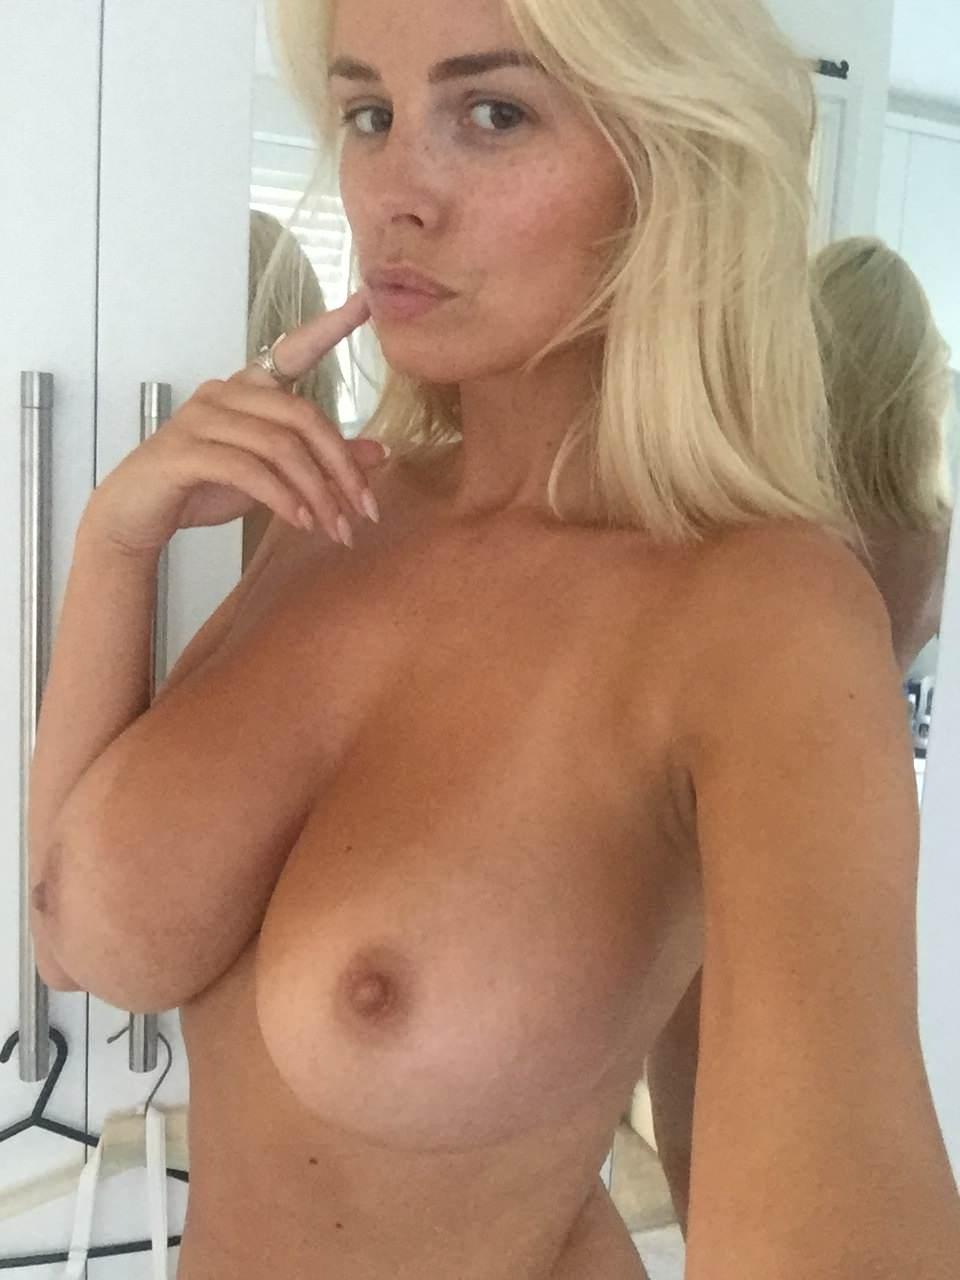 Rhian Sugden Onlyfans Nudes Leaks 0001